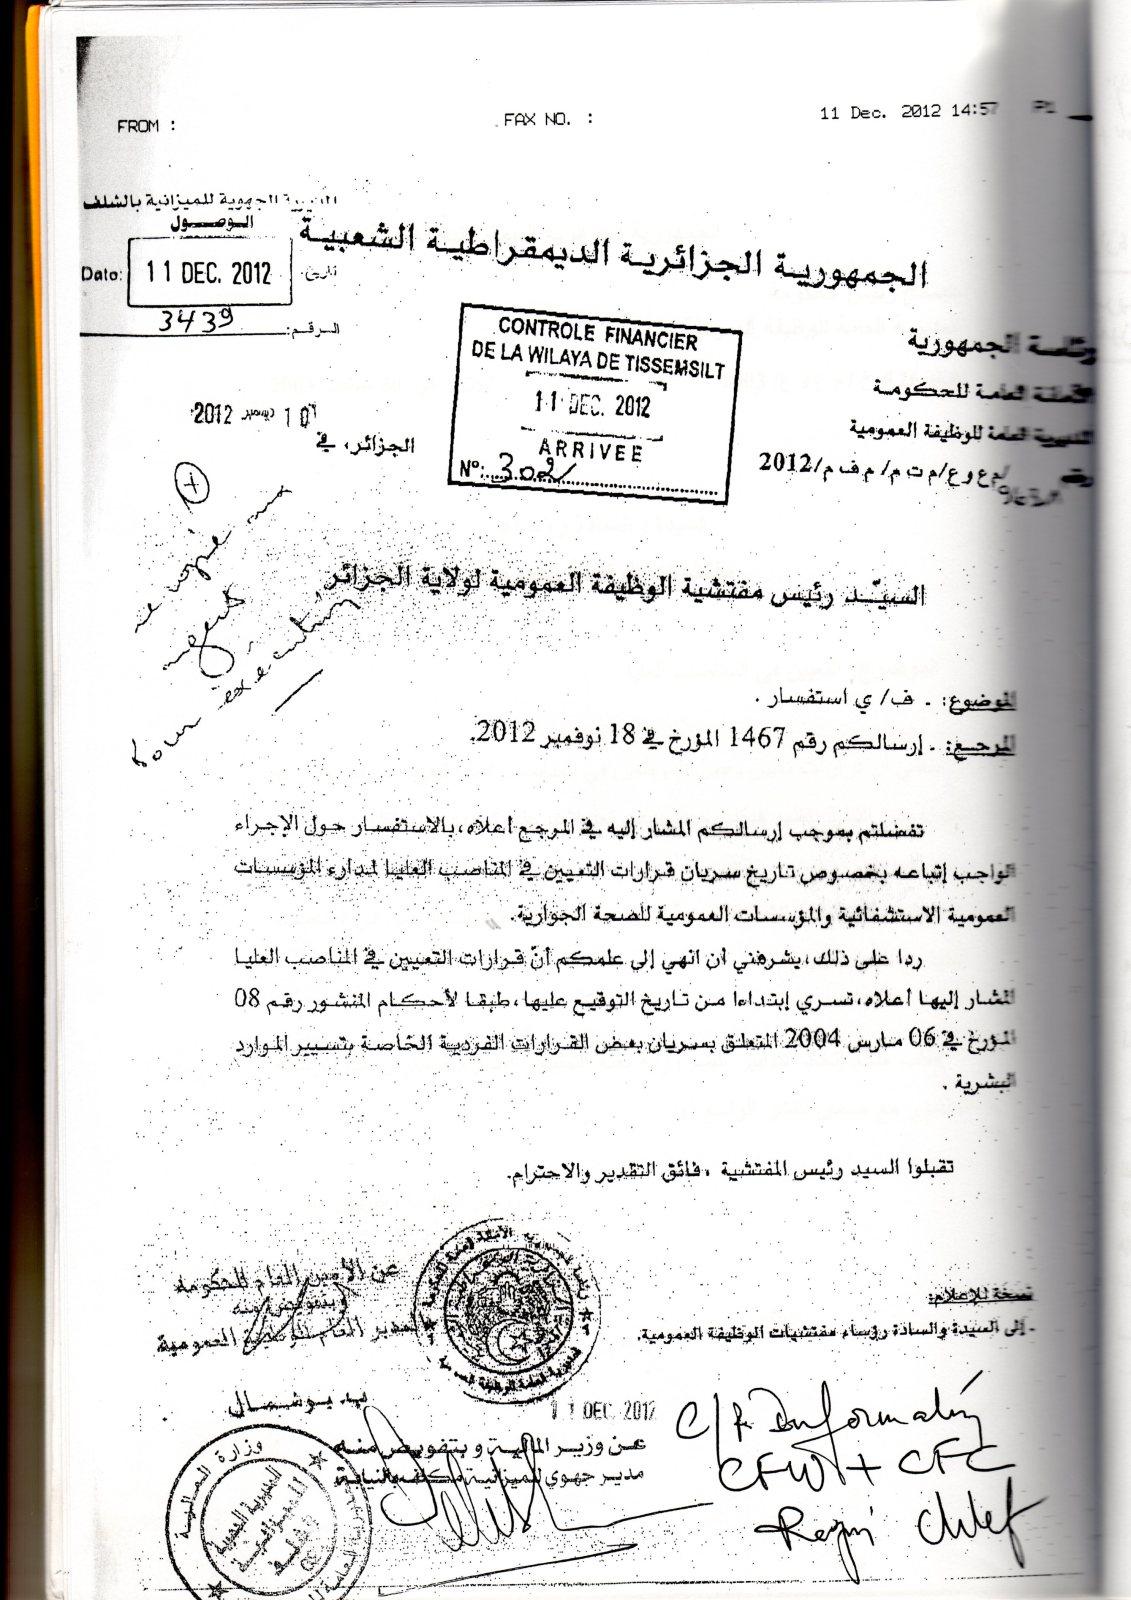 المراسلات الصادرة عن المديرية العامة للميزانية - صفحة 2 2z4kzsz